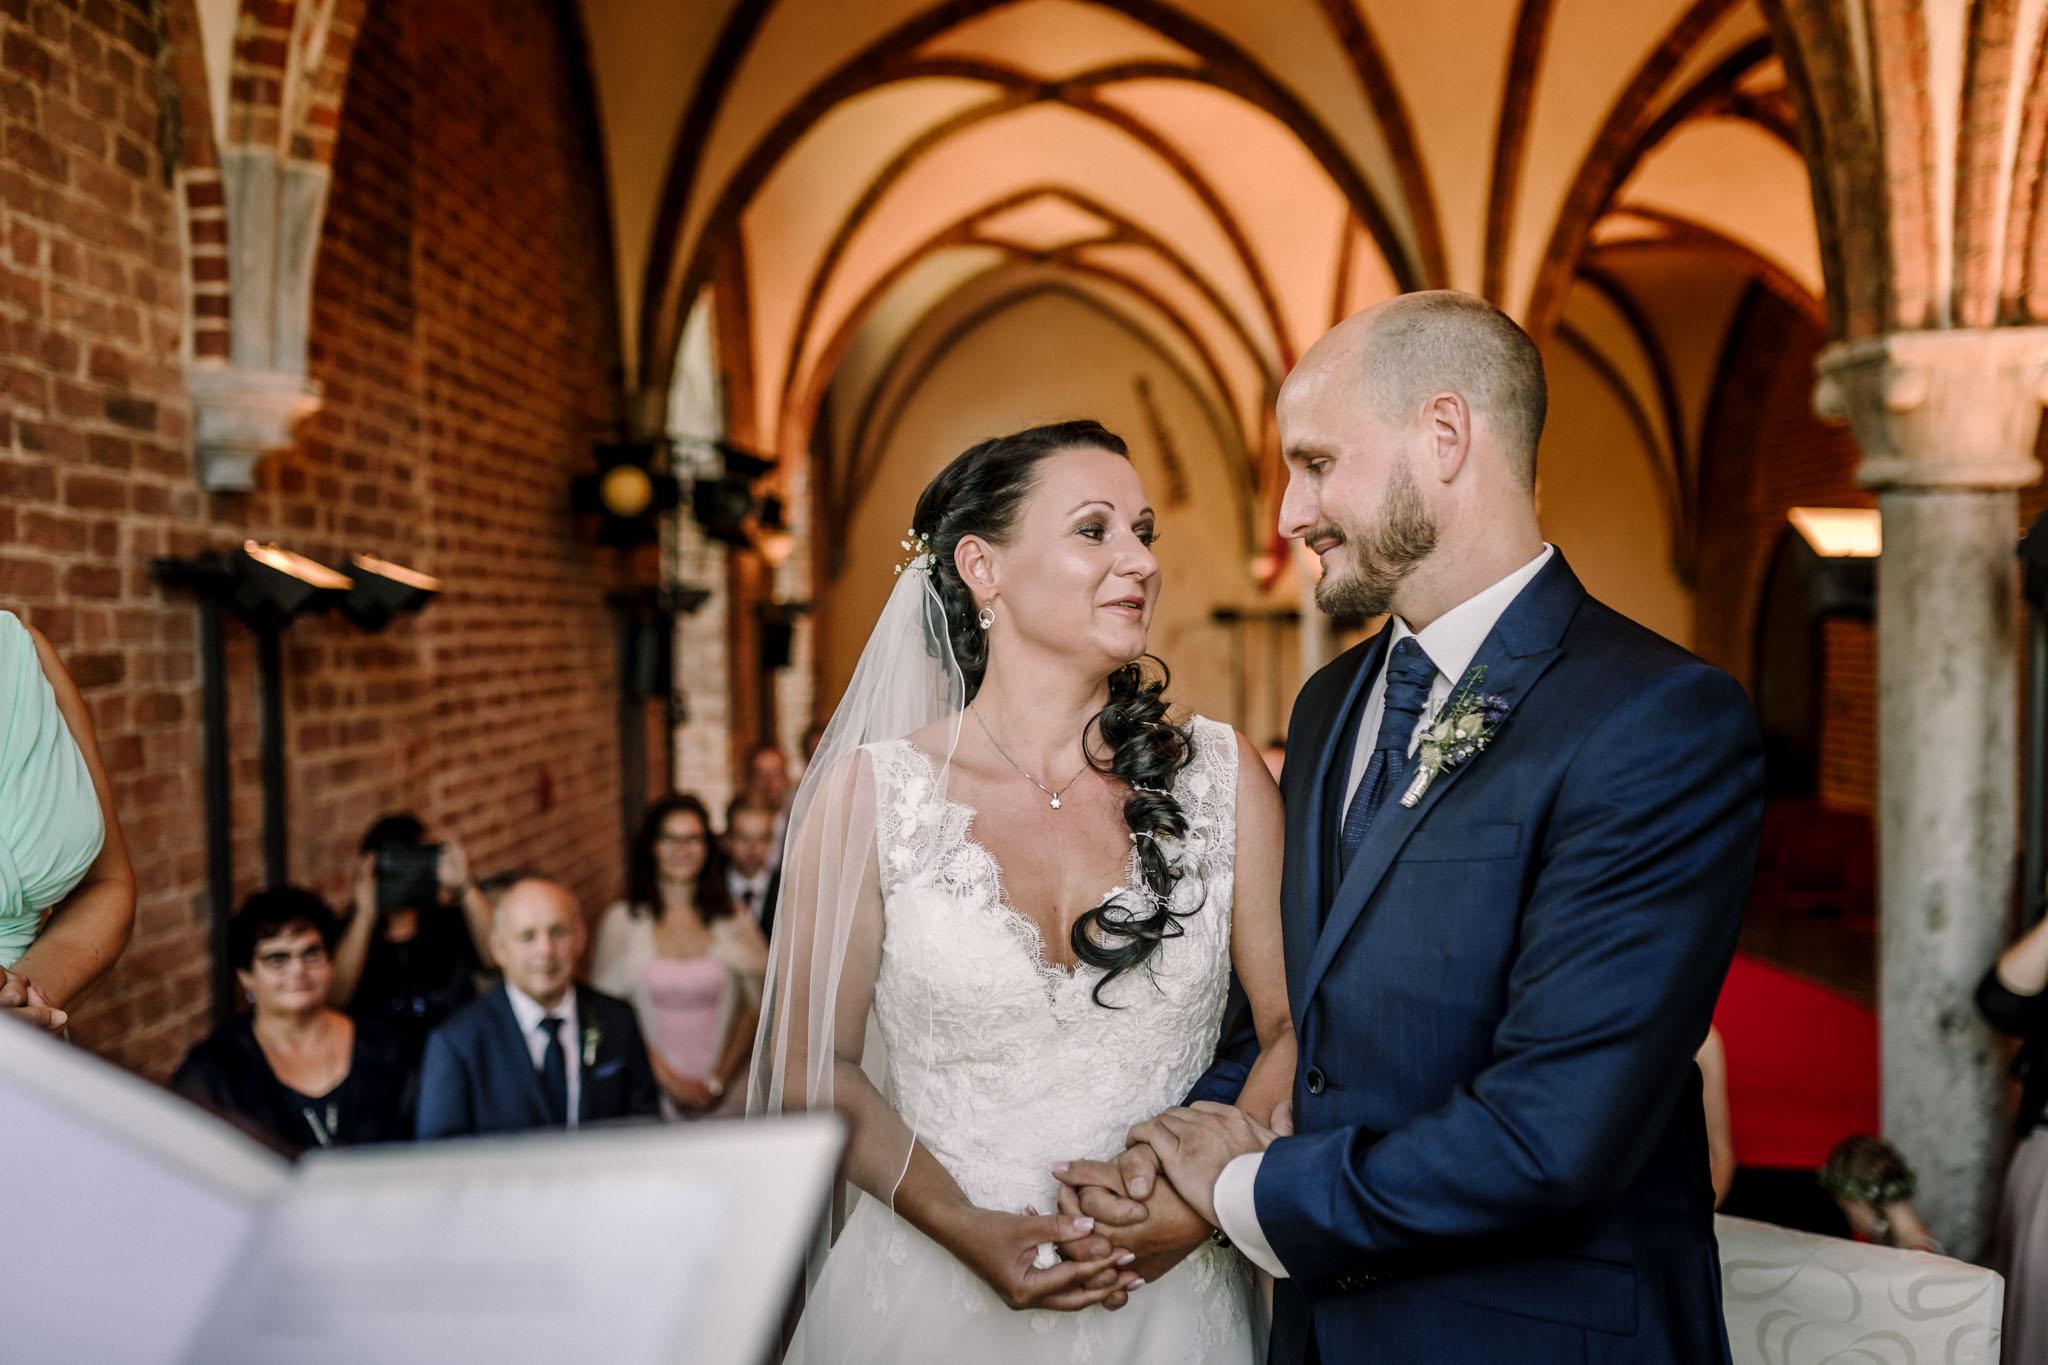 Hochzeitsfieber by Photo-Schomburg, Hochzeitsfotograf, Hamburg,Hochzeitstag, Hochzeitspaar, Braut, Bräutigam, Literaturhauscafe Zarrentin-31